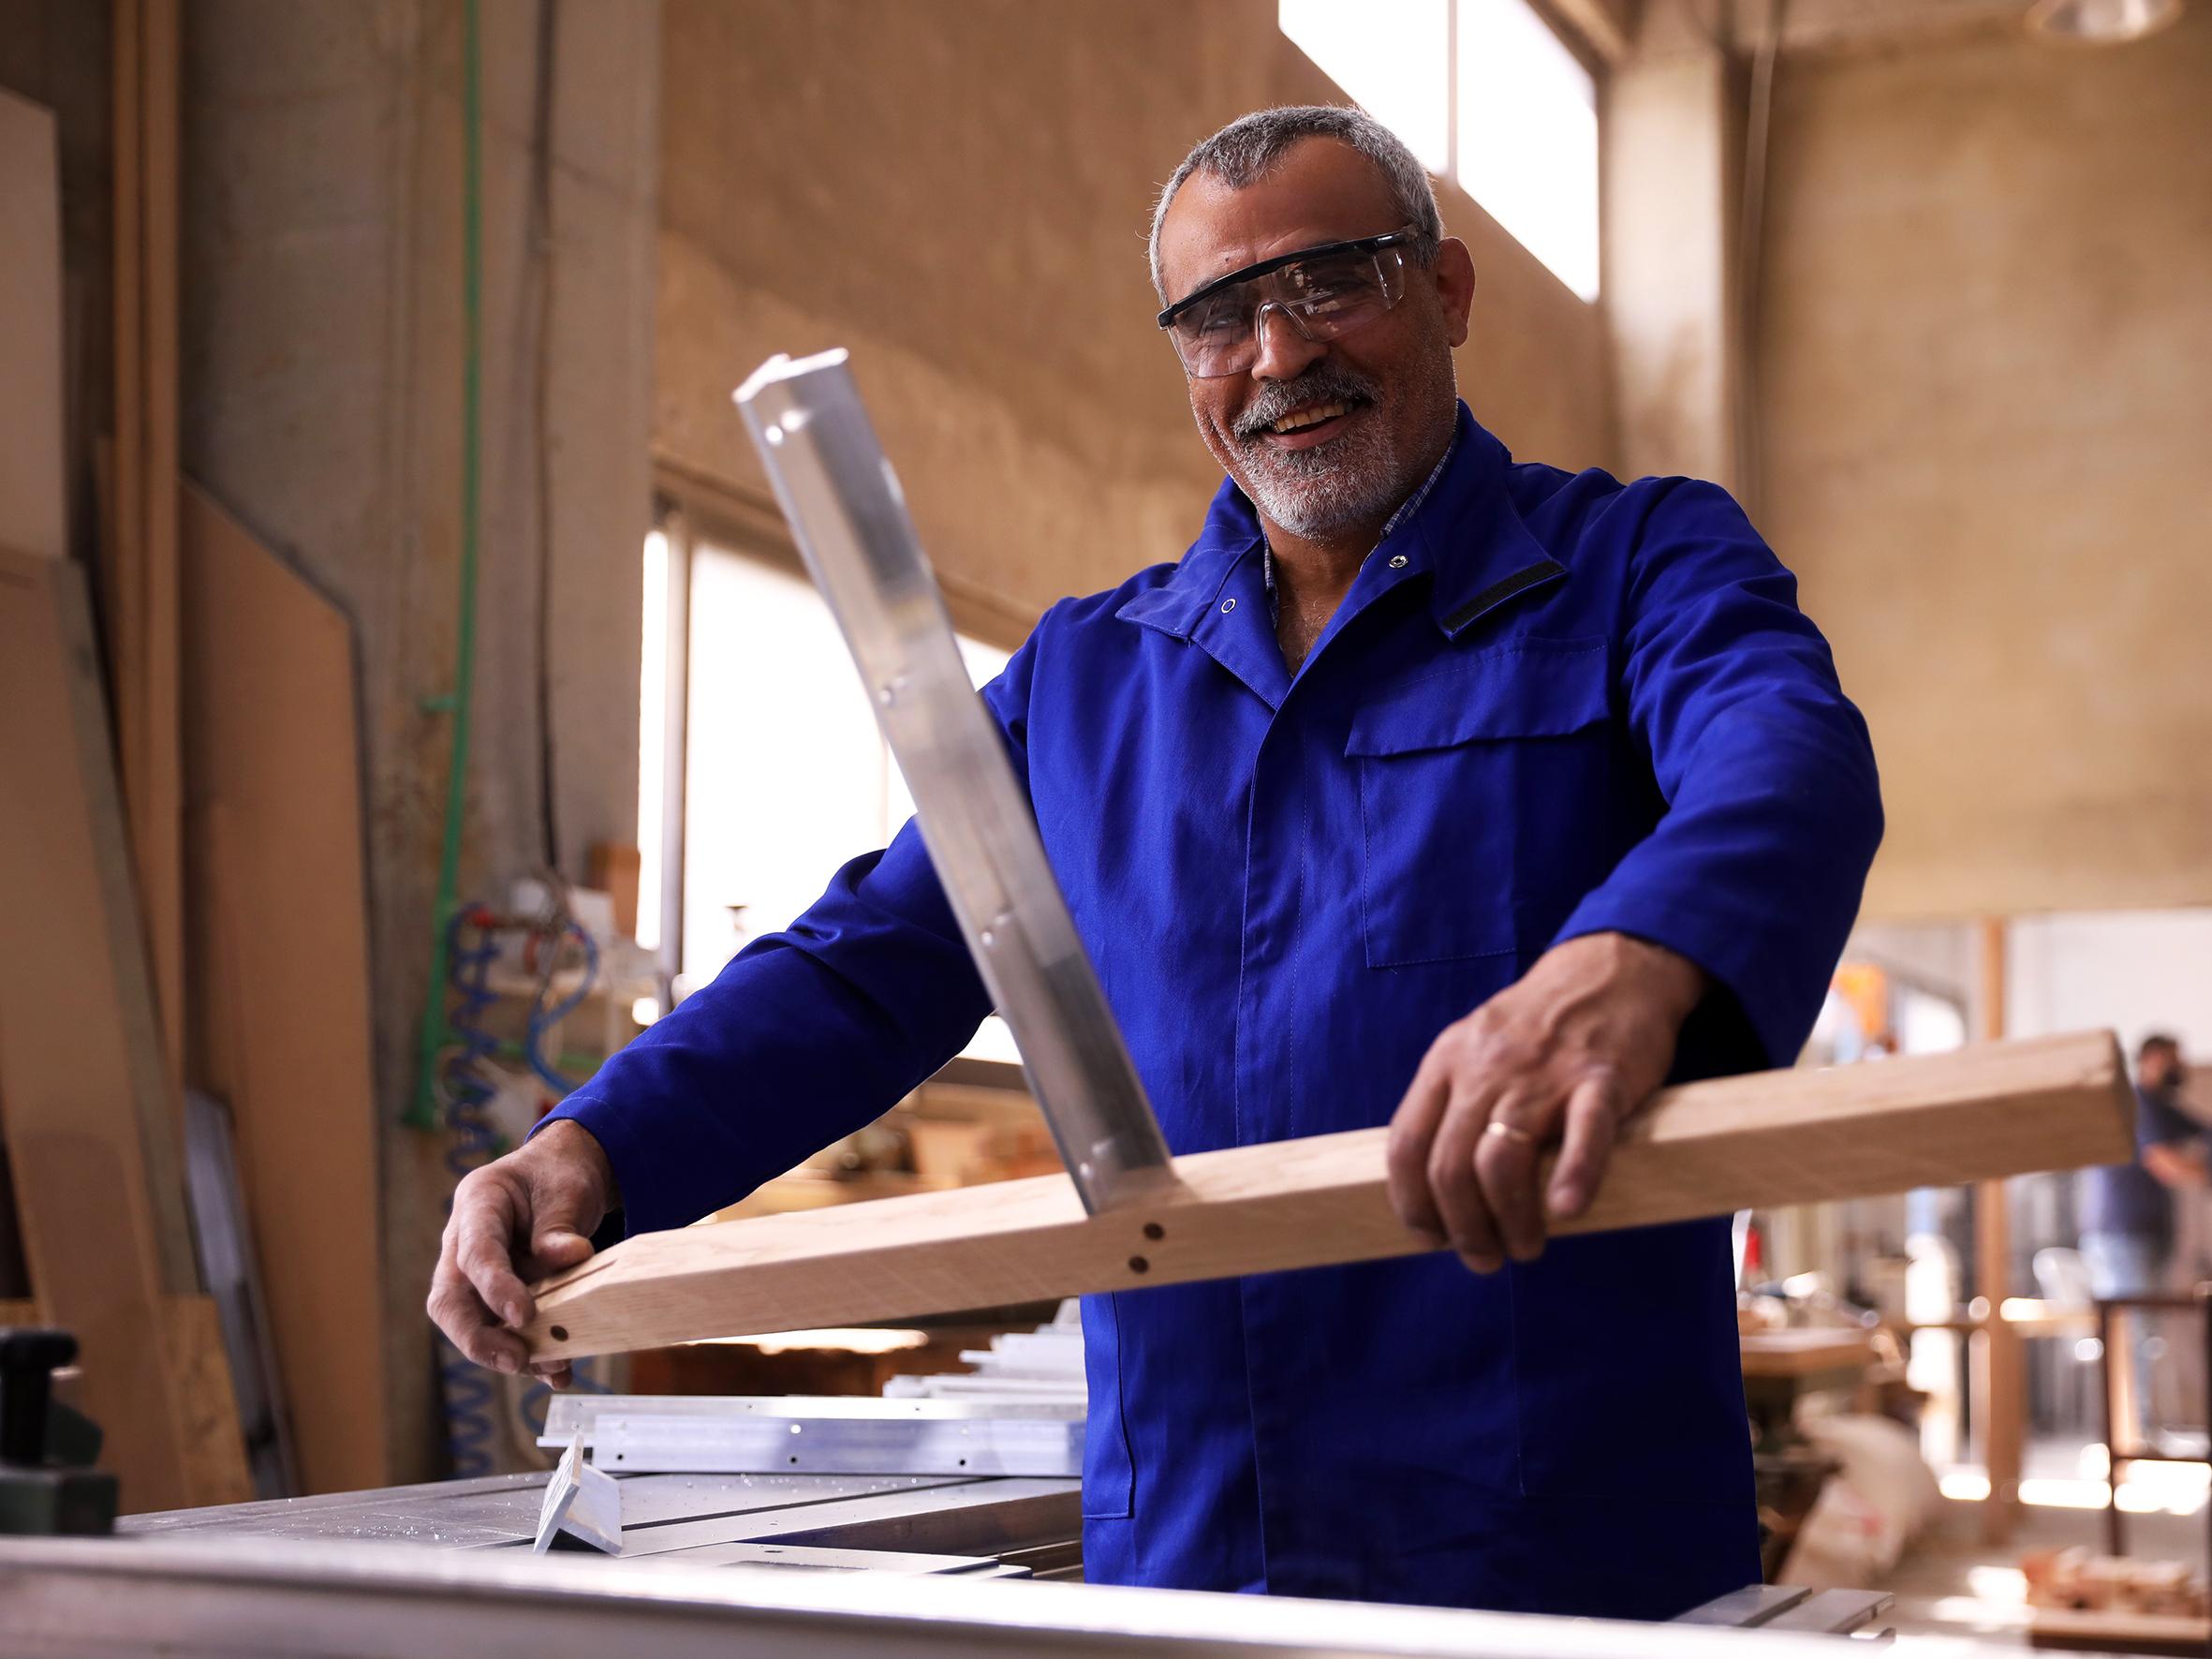 La qualité des matériaux et le savoir-faire sont deux points cruciaux dans la fabrication des meubles Kann. À l'Atelier Kanaan, l'ébéniste Joseph travaille sur la chaise Tal dessinée par Léonard Kadid.